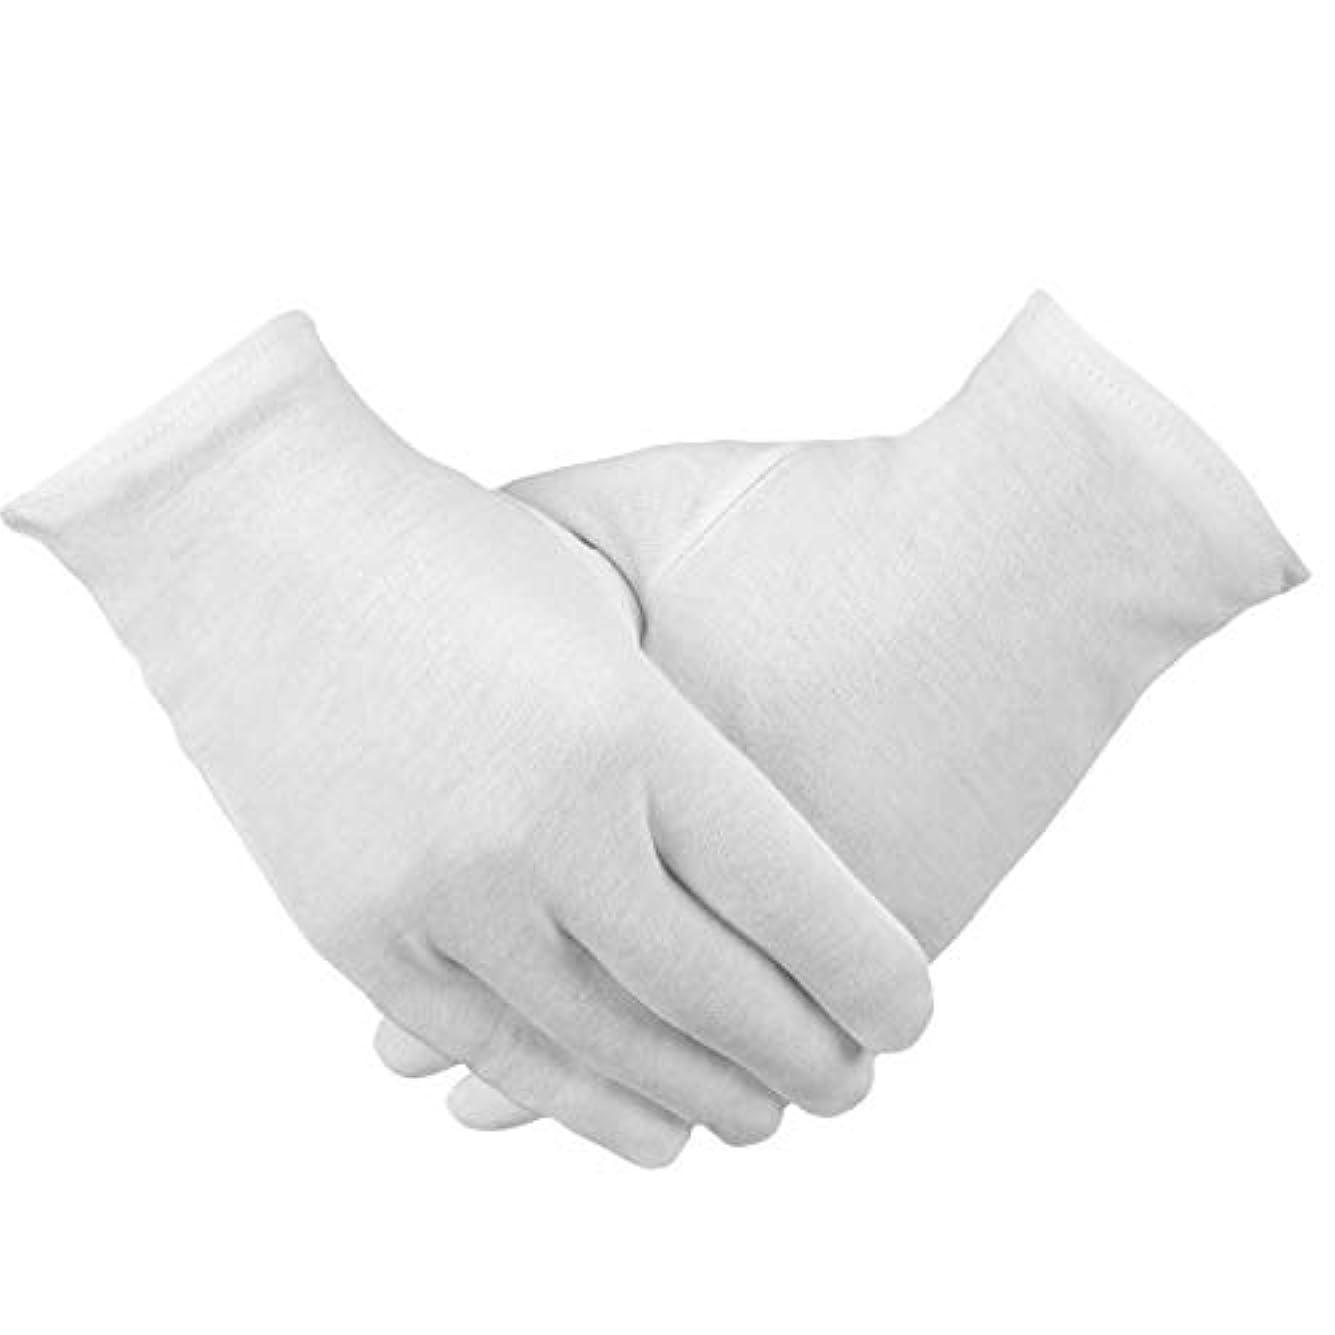 徒歩で混雑スクワイアPAMASE 12ペア 手荒れ対策 コットン手袋 綿手袋 純綿 ハンドケア 白手袋 お休み 乾燥肌用 保湿用 家事用 礼装用 メンズ レディース 手袋